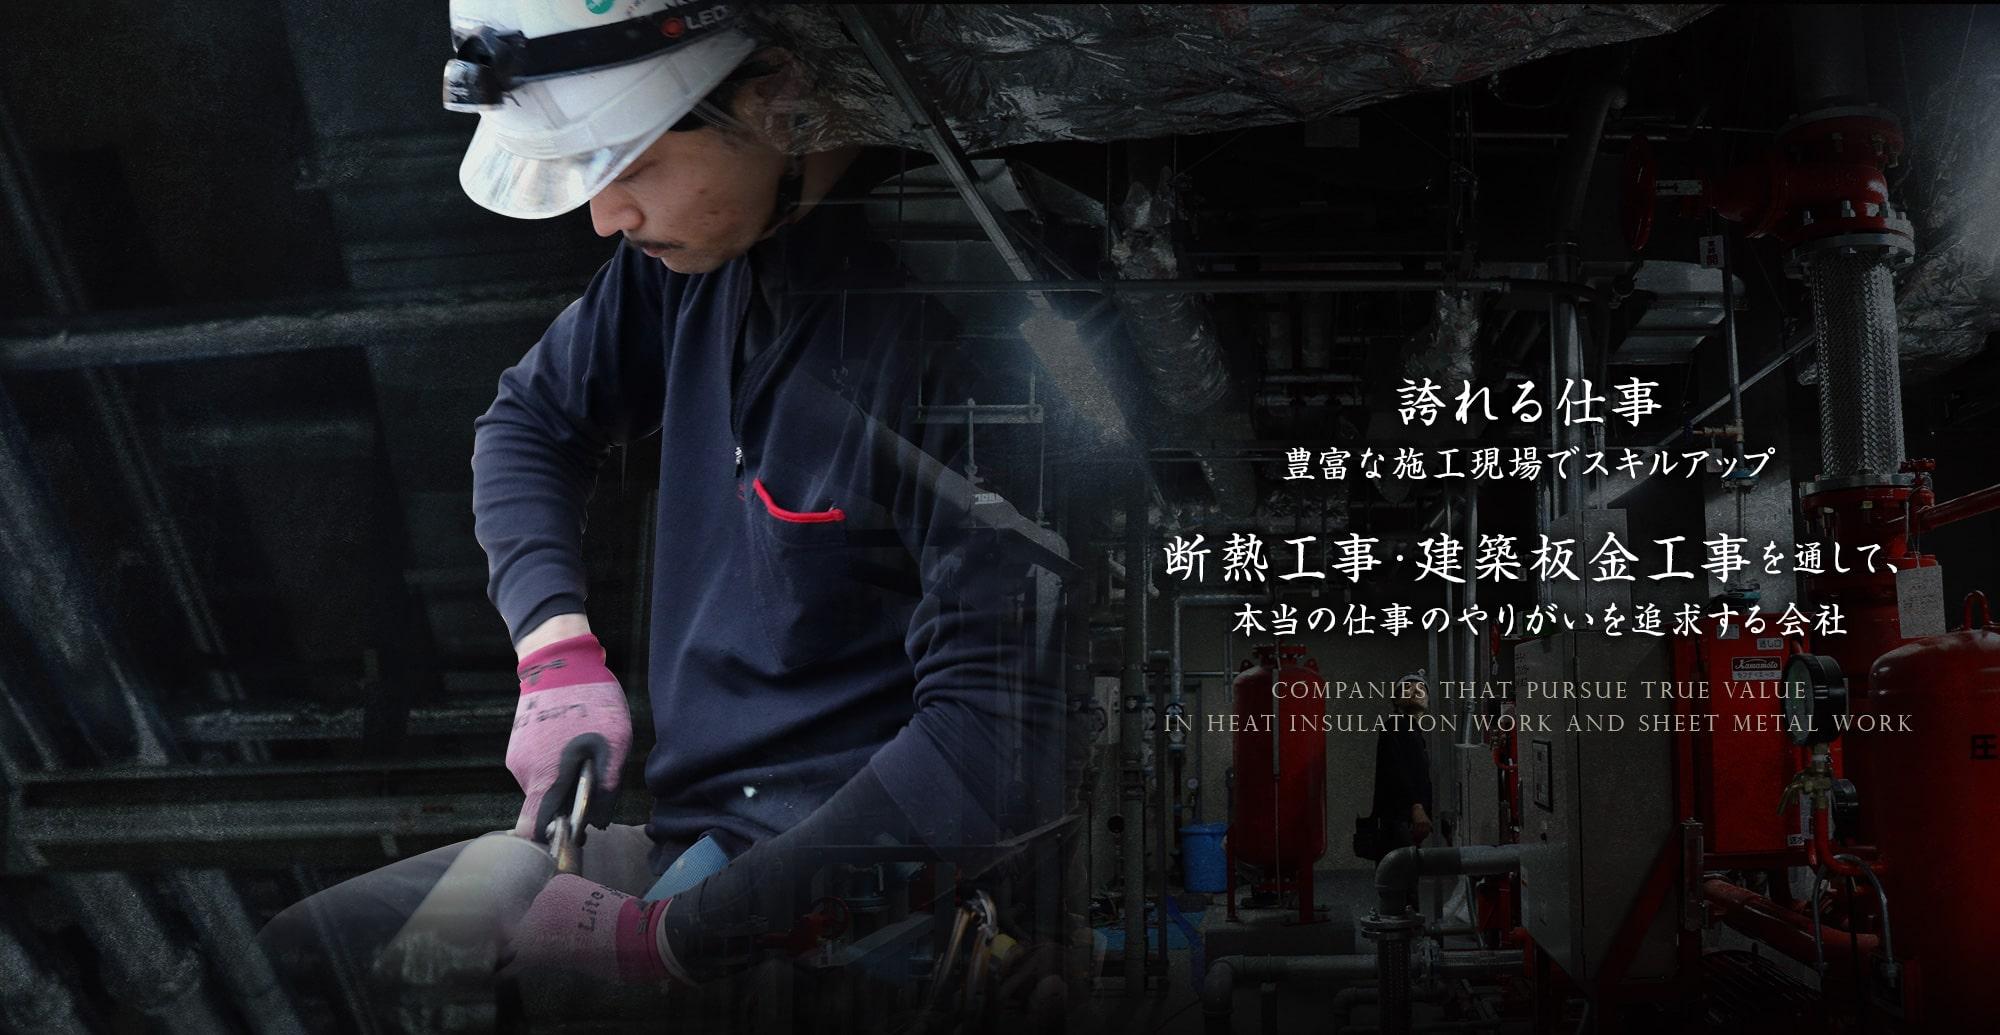 誇れる仕事 豊富な施工現場でスキルアップ 断熱工事・建築板金工事に通して、本当の仕事のやりがいを追求する会社